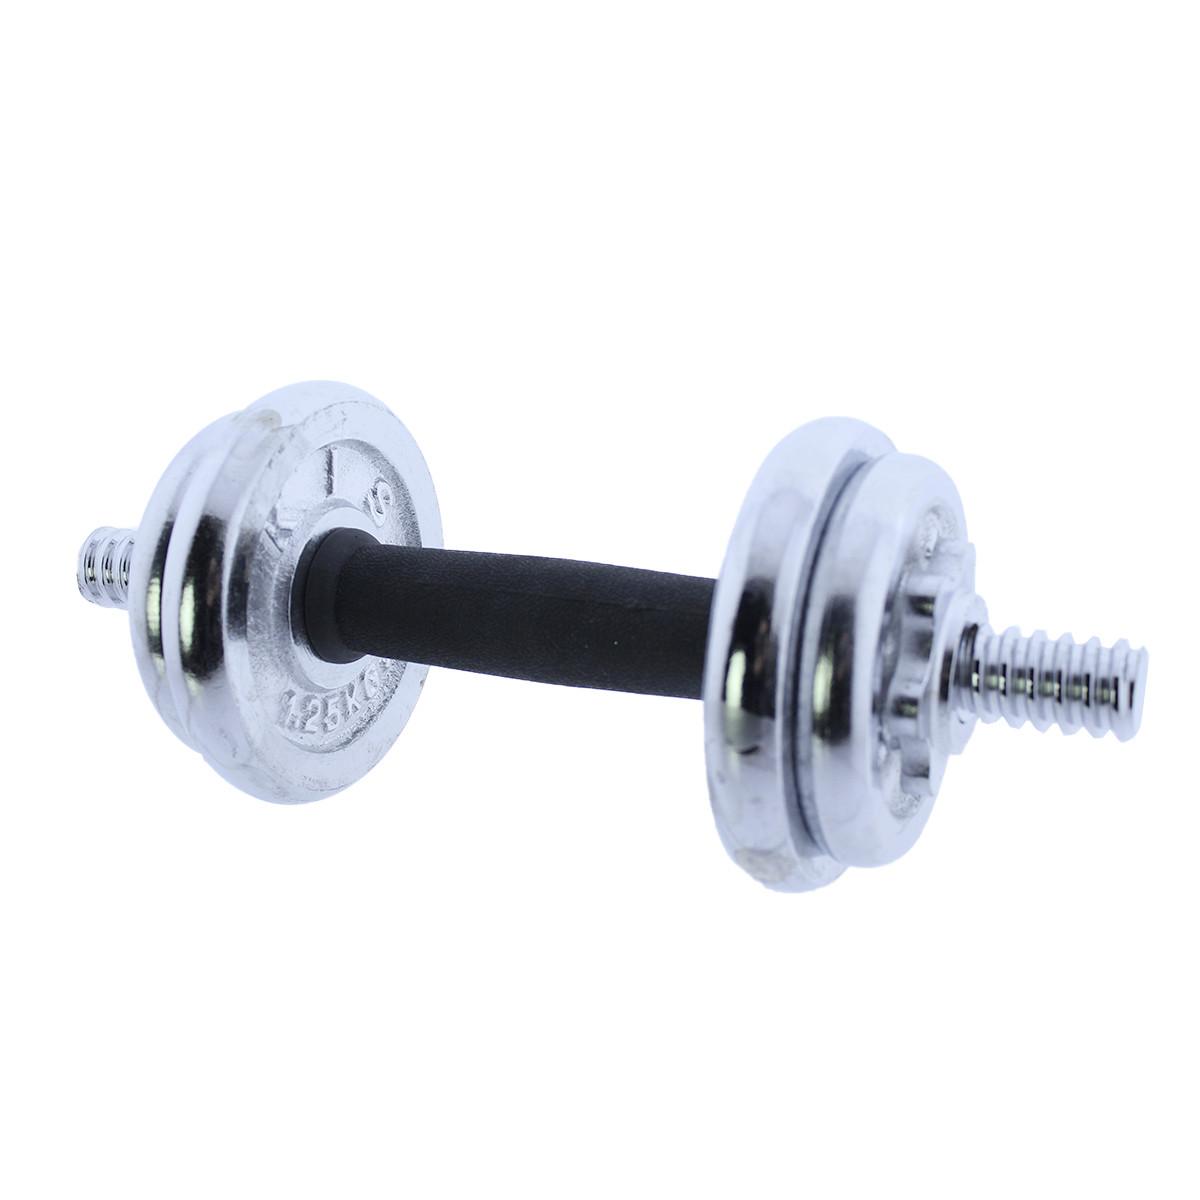 Set-de-mancuernas-ajustables-cromadas-10kg-15kg-20kg-Riscko miniatura 26